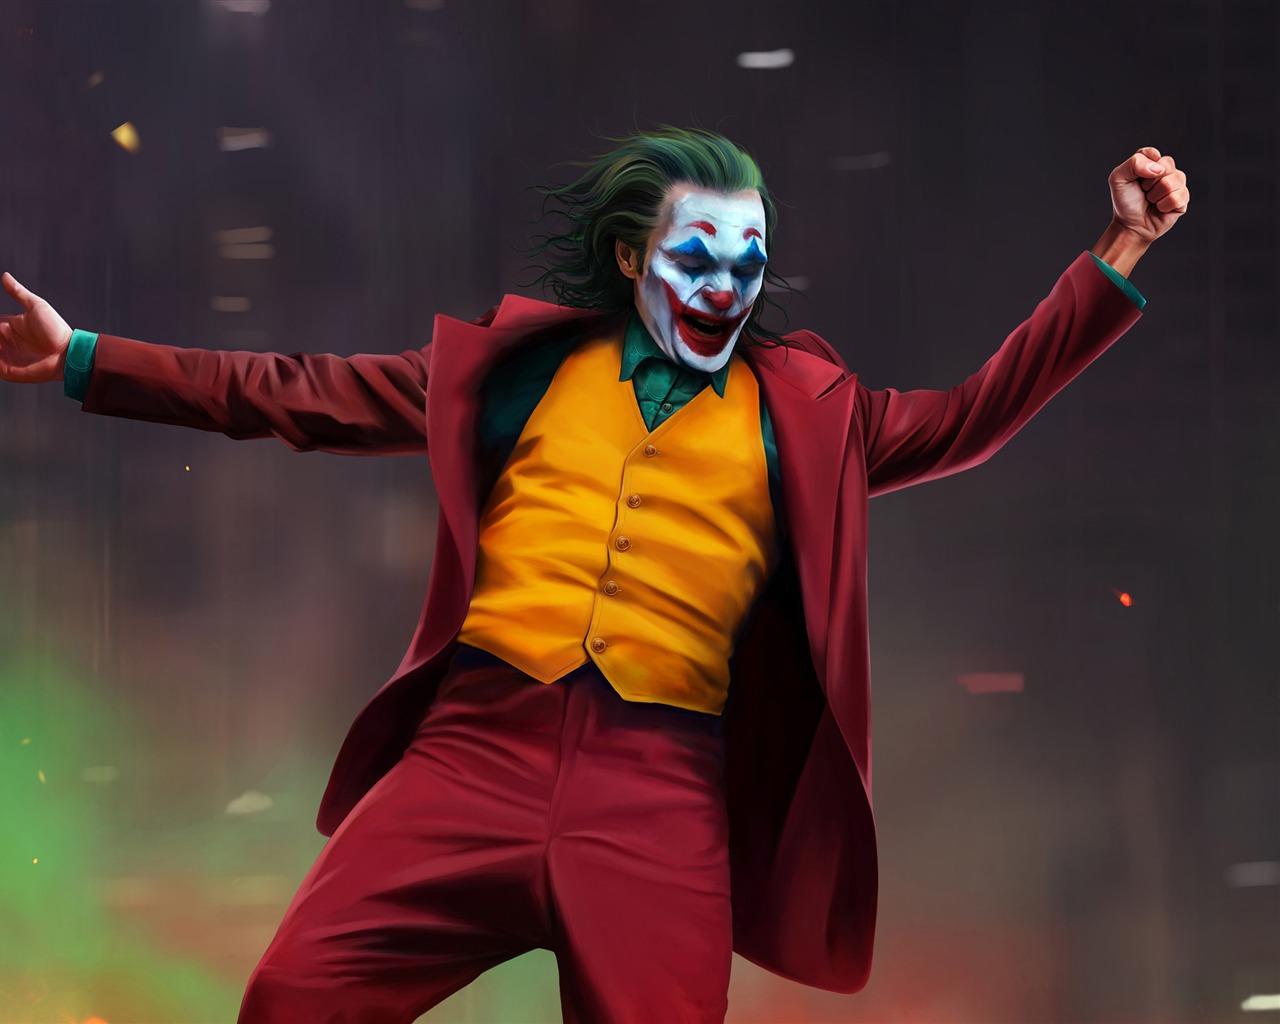 https://10wallpaper.com/wallpaper/1280x1024/1910/Joker_2019_Anime_Character_Poster_1280x1024.jpg